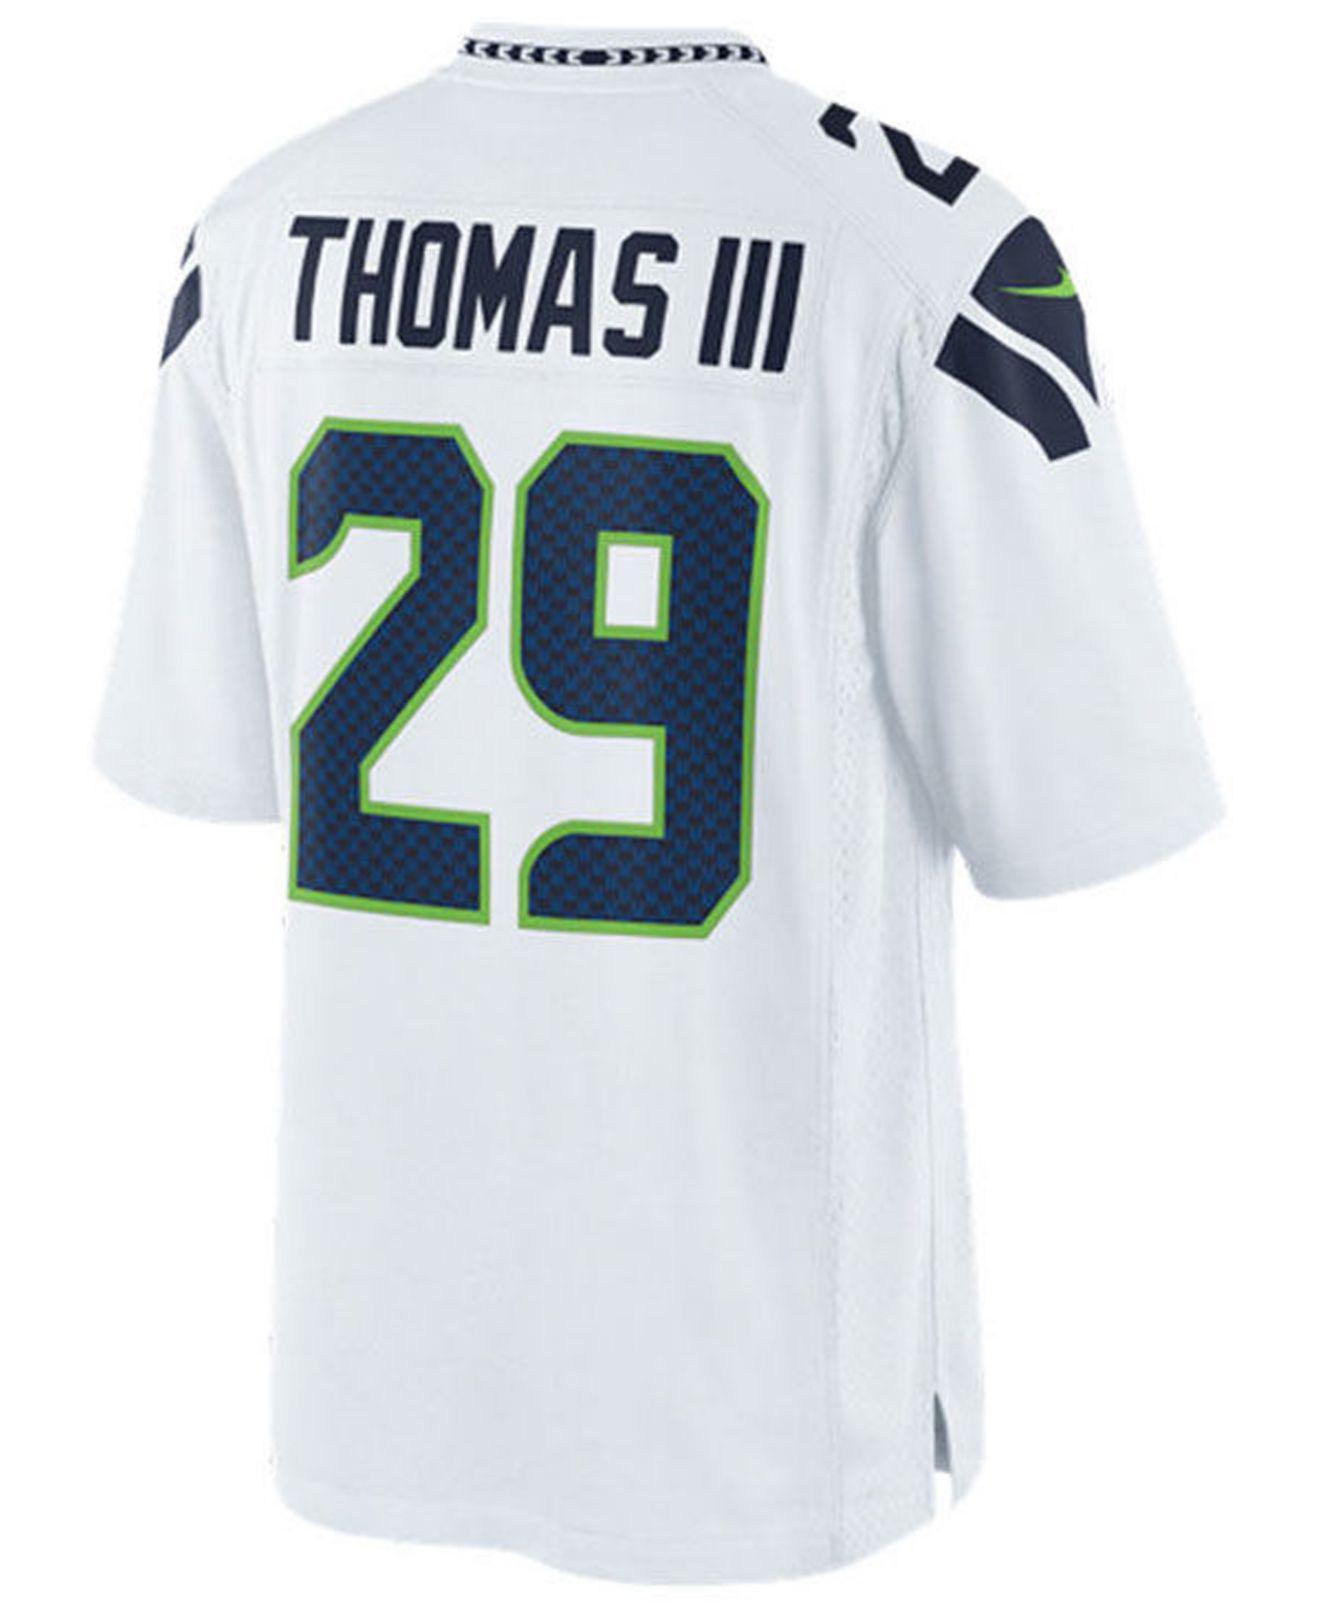 Lyst - Nike Earl Thomas Iii Seattle Seahawks Limited Jersey in White ... 4586431fa